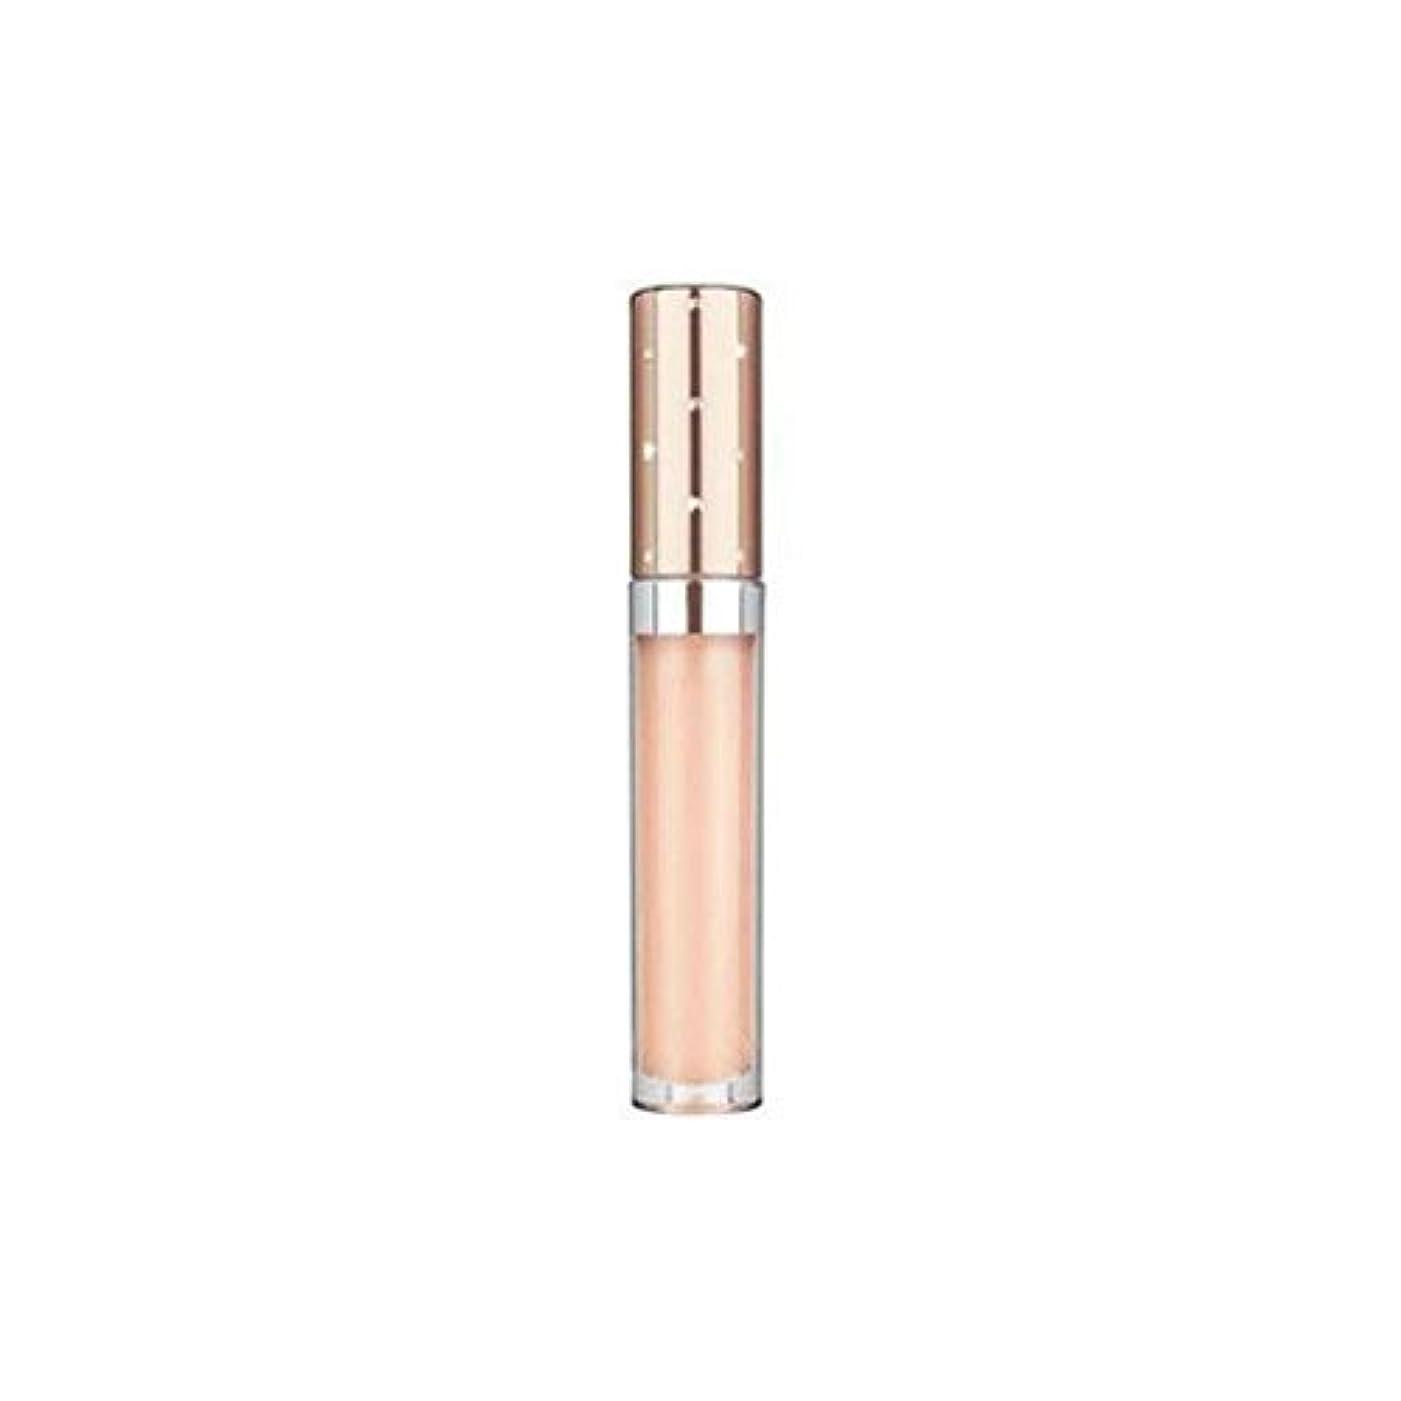 浅い生き残ります分離Nubo Instant Lip Perfection Spf15 (5ml) - インスタントリップパーフェクション15(5ミリリットル) [並行輸入品]